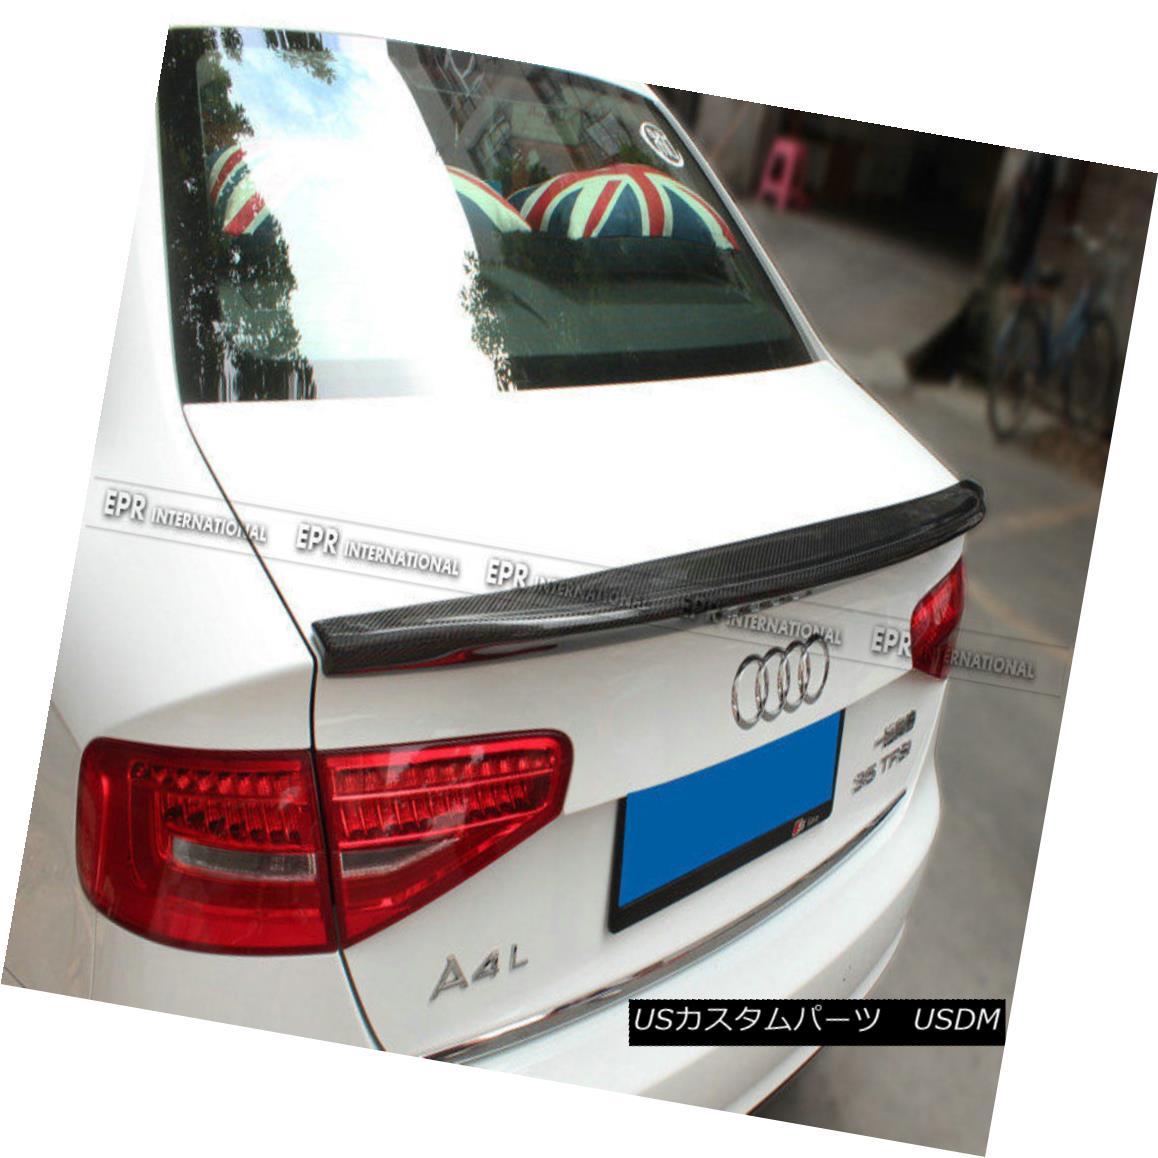 エアロパーツ For Audi A4 B8.5 Caractere (Belgium)Style 13-16 Carbon Rear Boot Spoiler Wing Audi A4 B8.5 Caractere(ベルギー)スタイル13-16カーボン・リア・ブート・スポイラー・ウィング